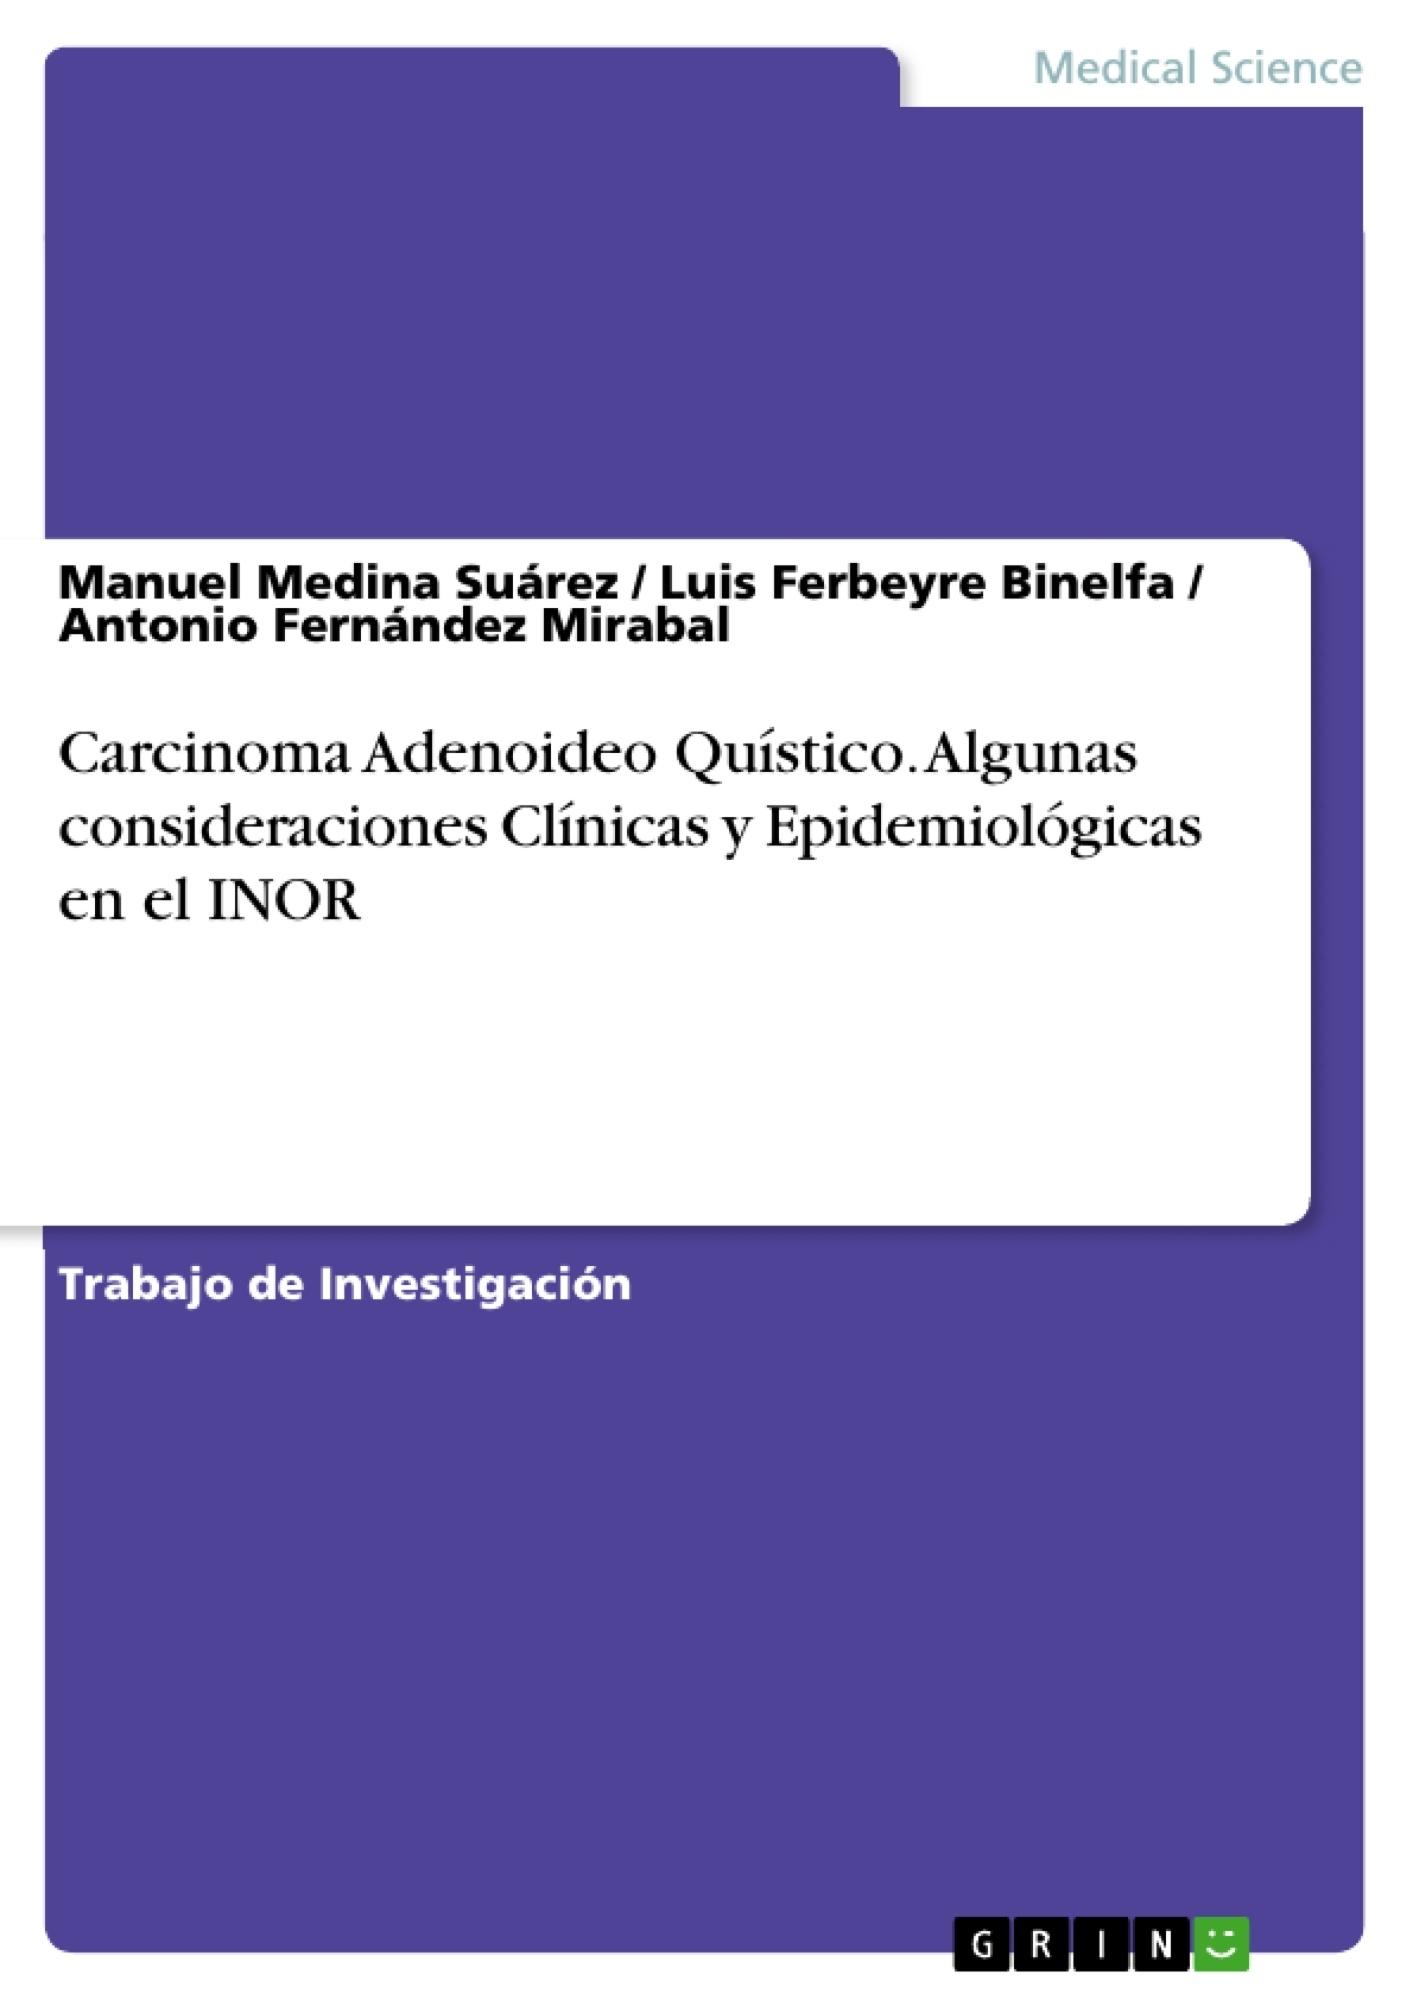 Título: Carcinoma Adenoideo Quístico. Algunas consideraciones Clínicas y Epidemiológicas en el INOR